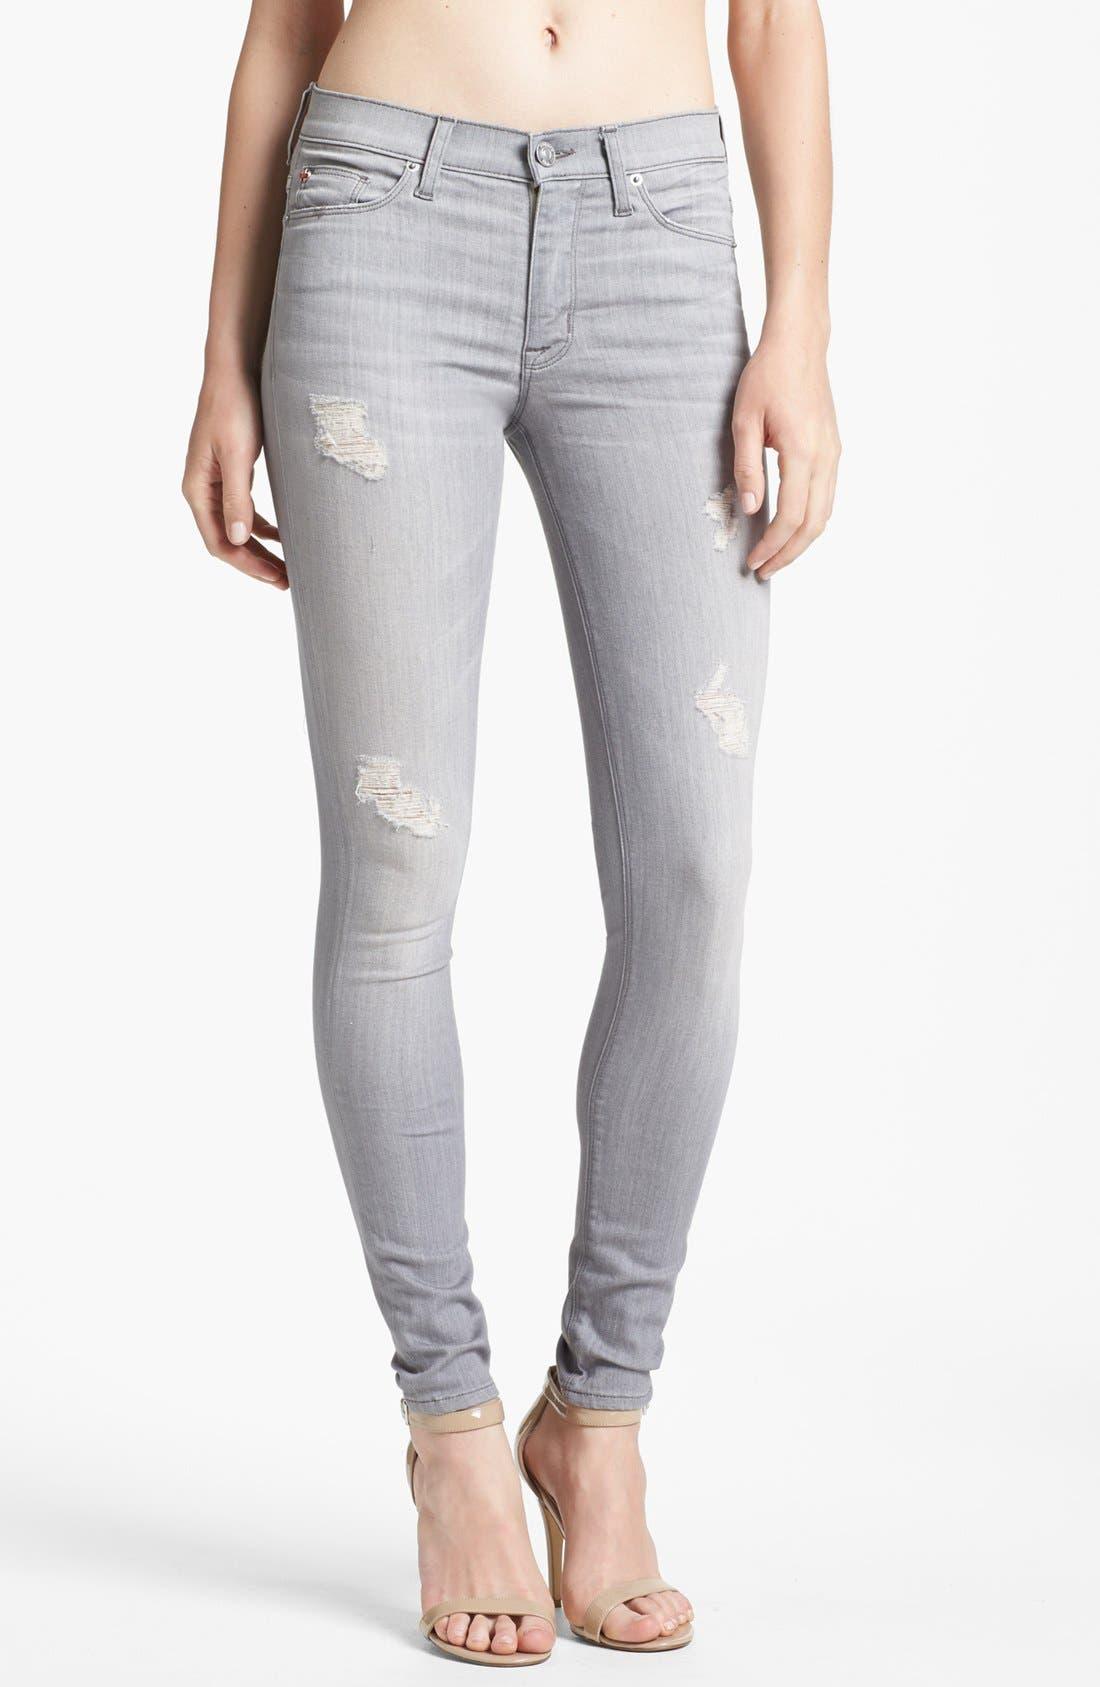 Main Image - Hudson Jeans 'Nico' Skinny Stretch Jeans (Fiji Grey)